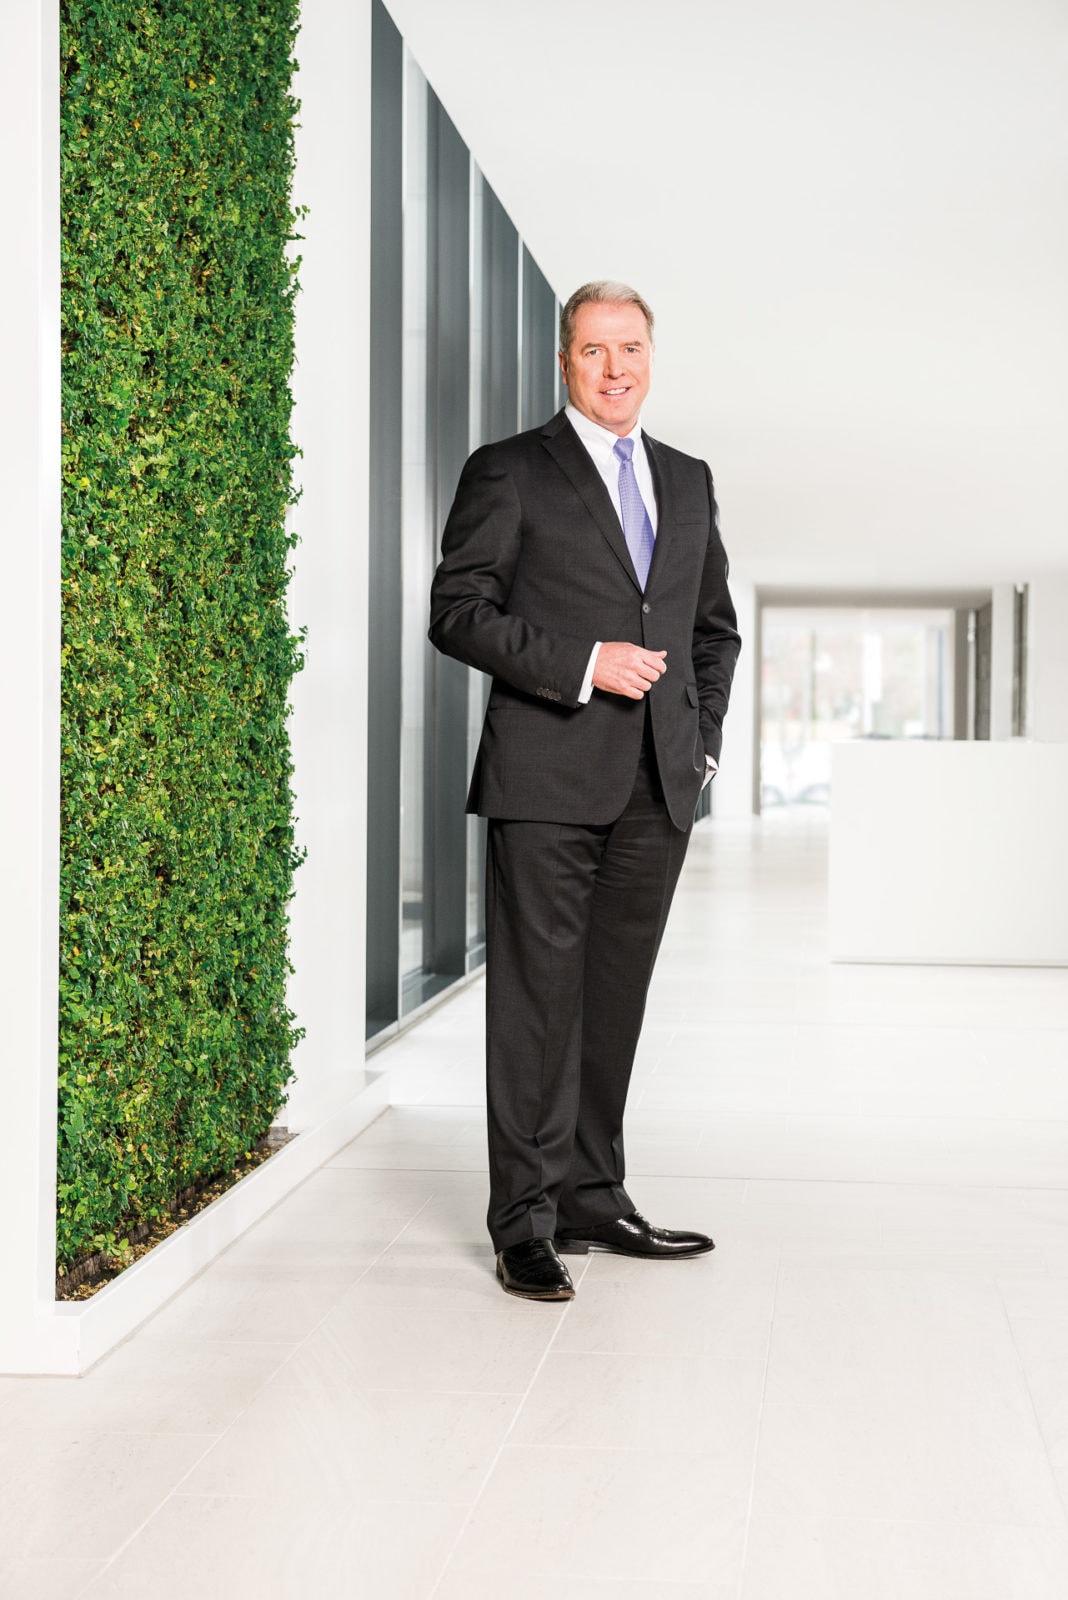 Businessportraits für den Geschäftsbericht der Dortmunder Volksbank, Markus Mielek, Fotograf Dortmund